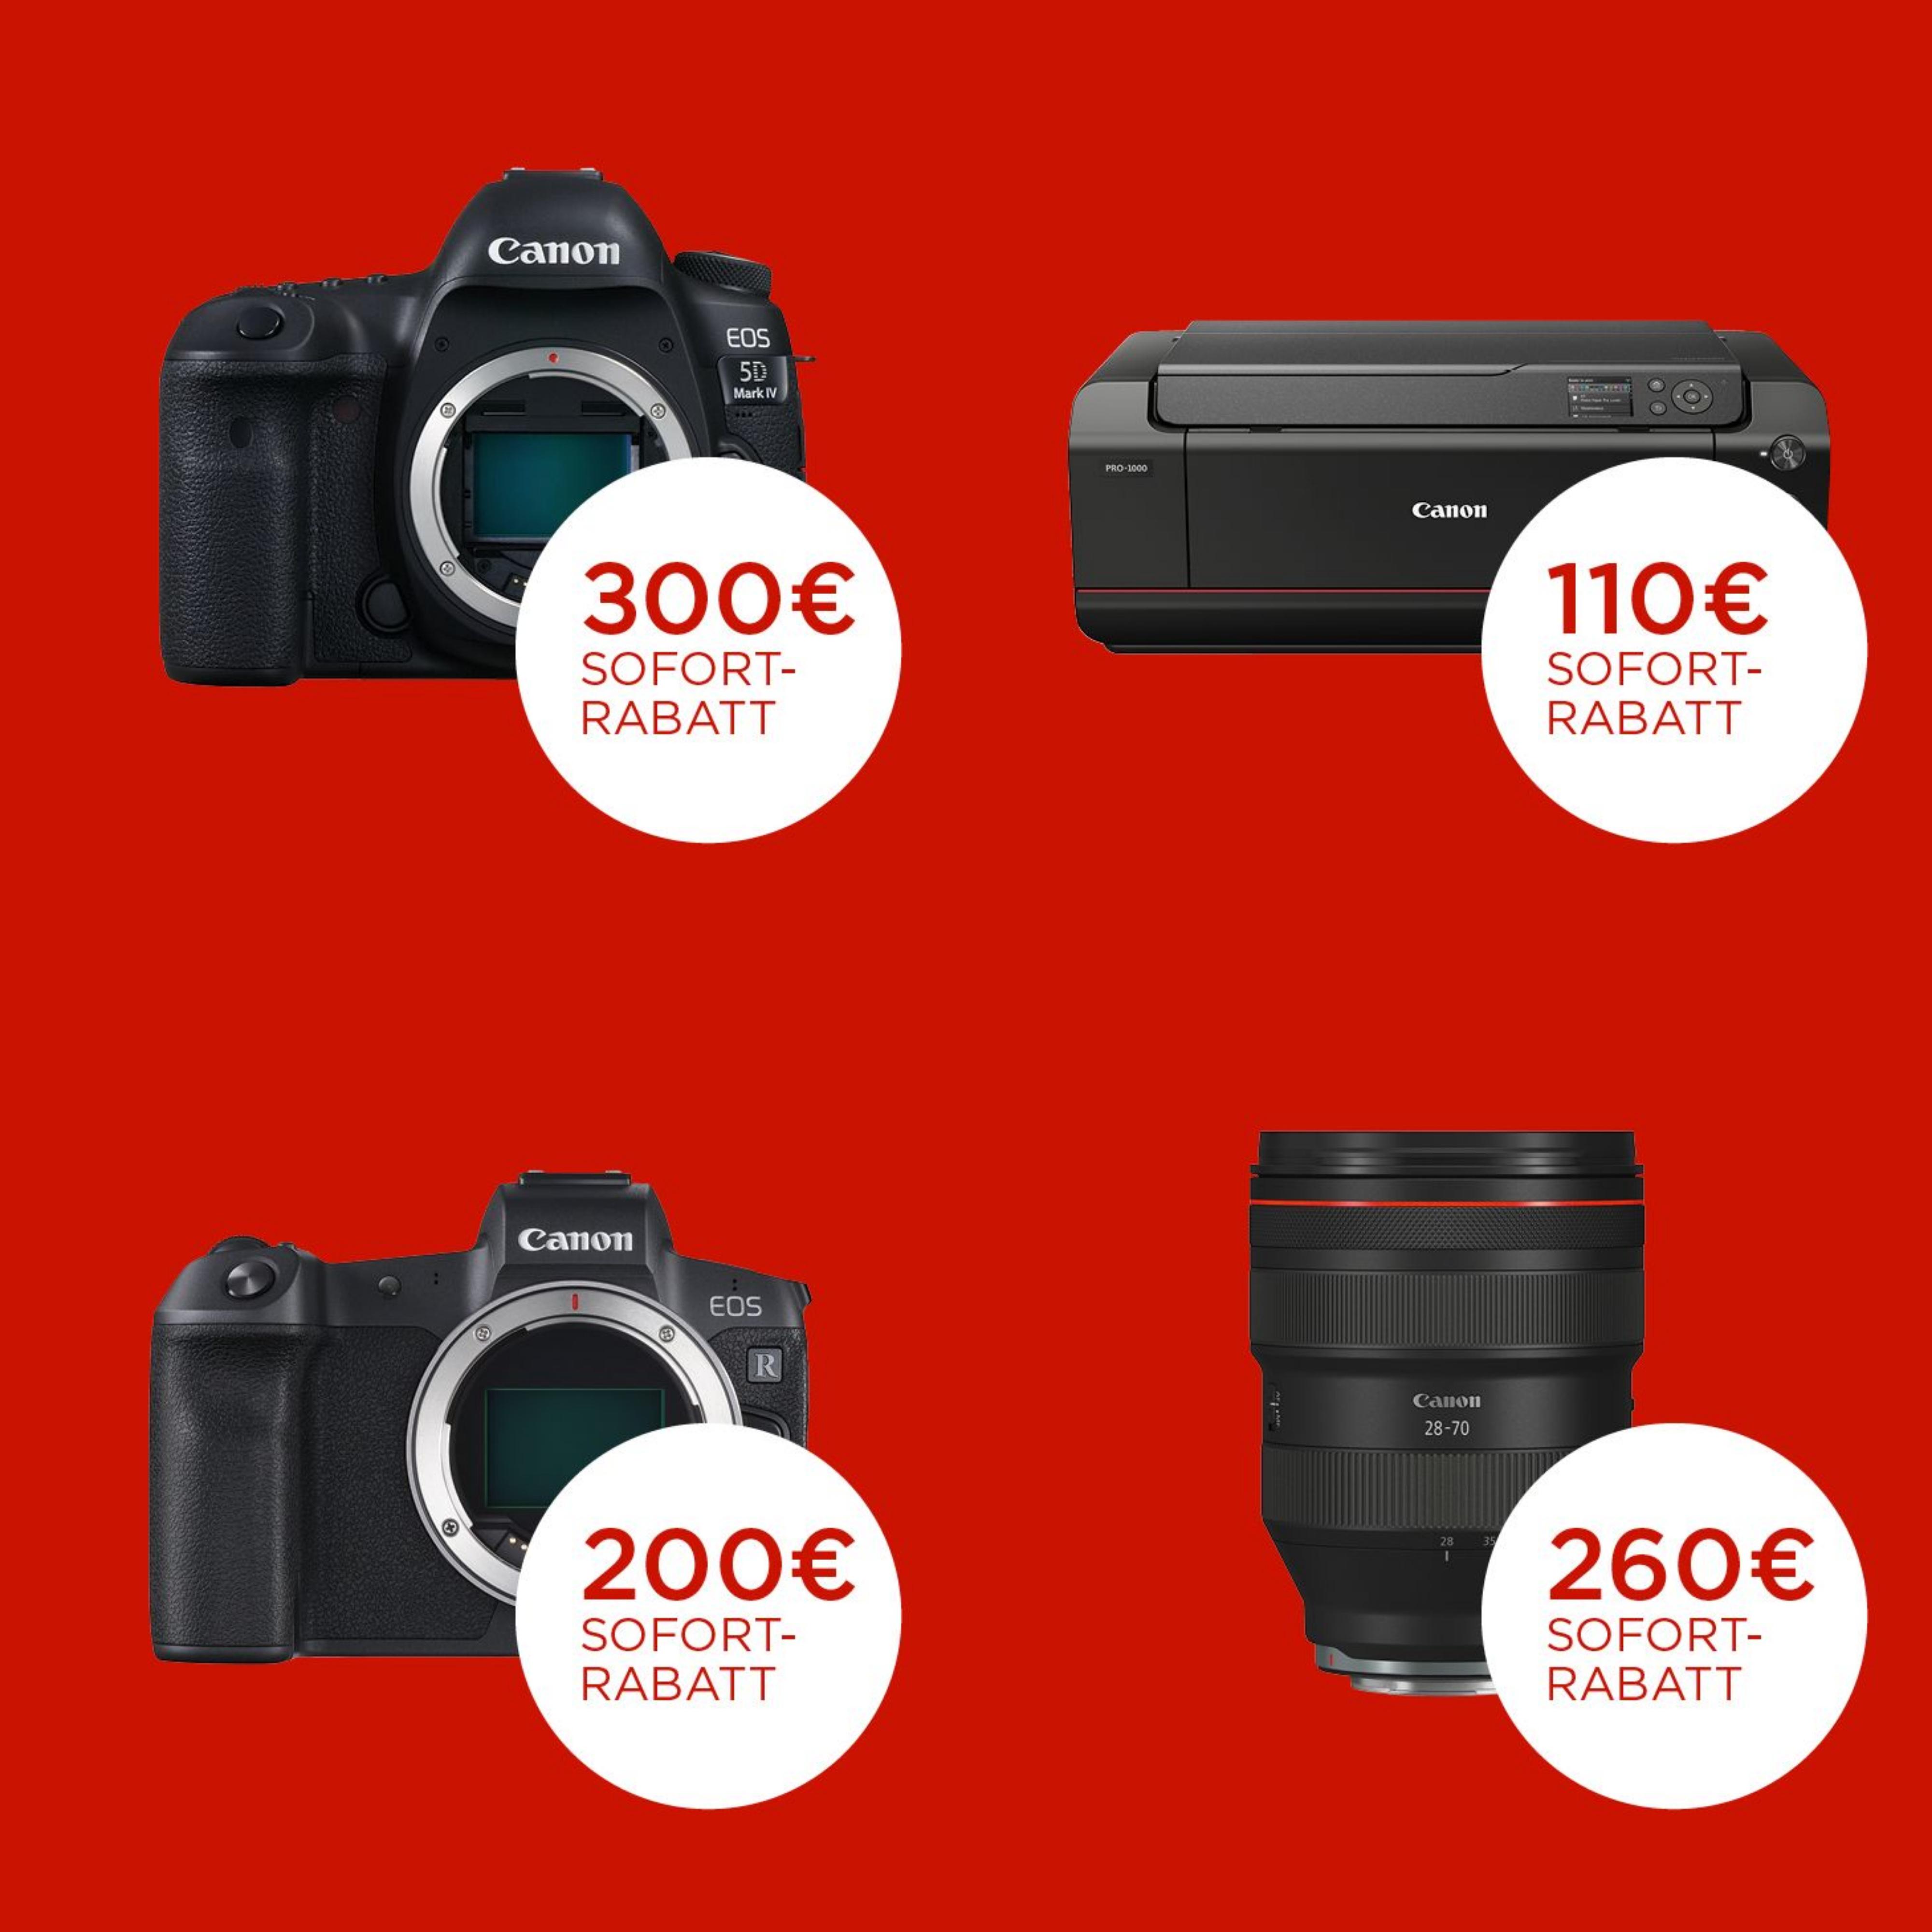 Canon Winter Sofort-Rabatt auf Kameras, Objektive & Drucker (bis zu 300€)